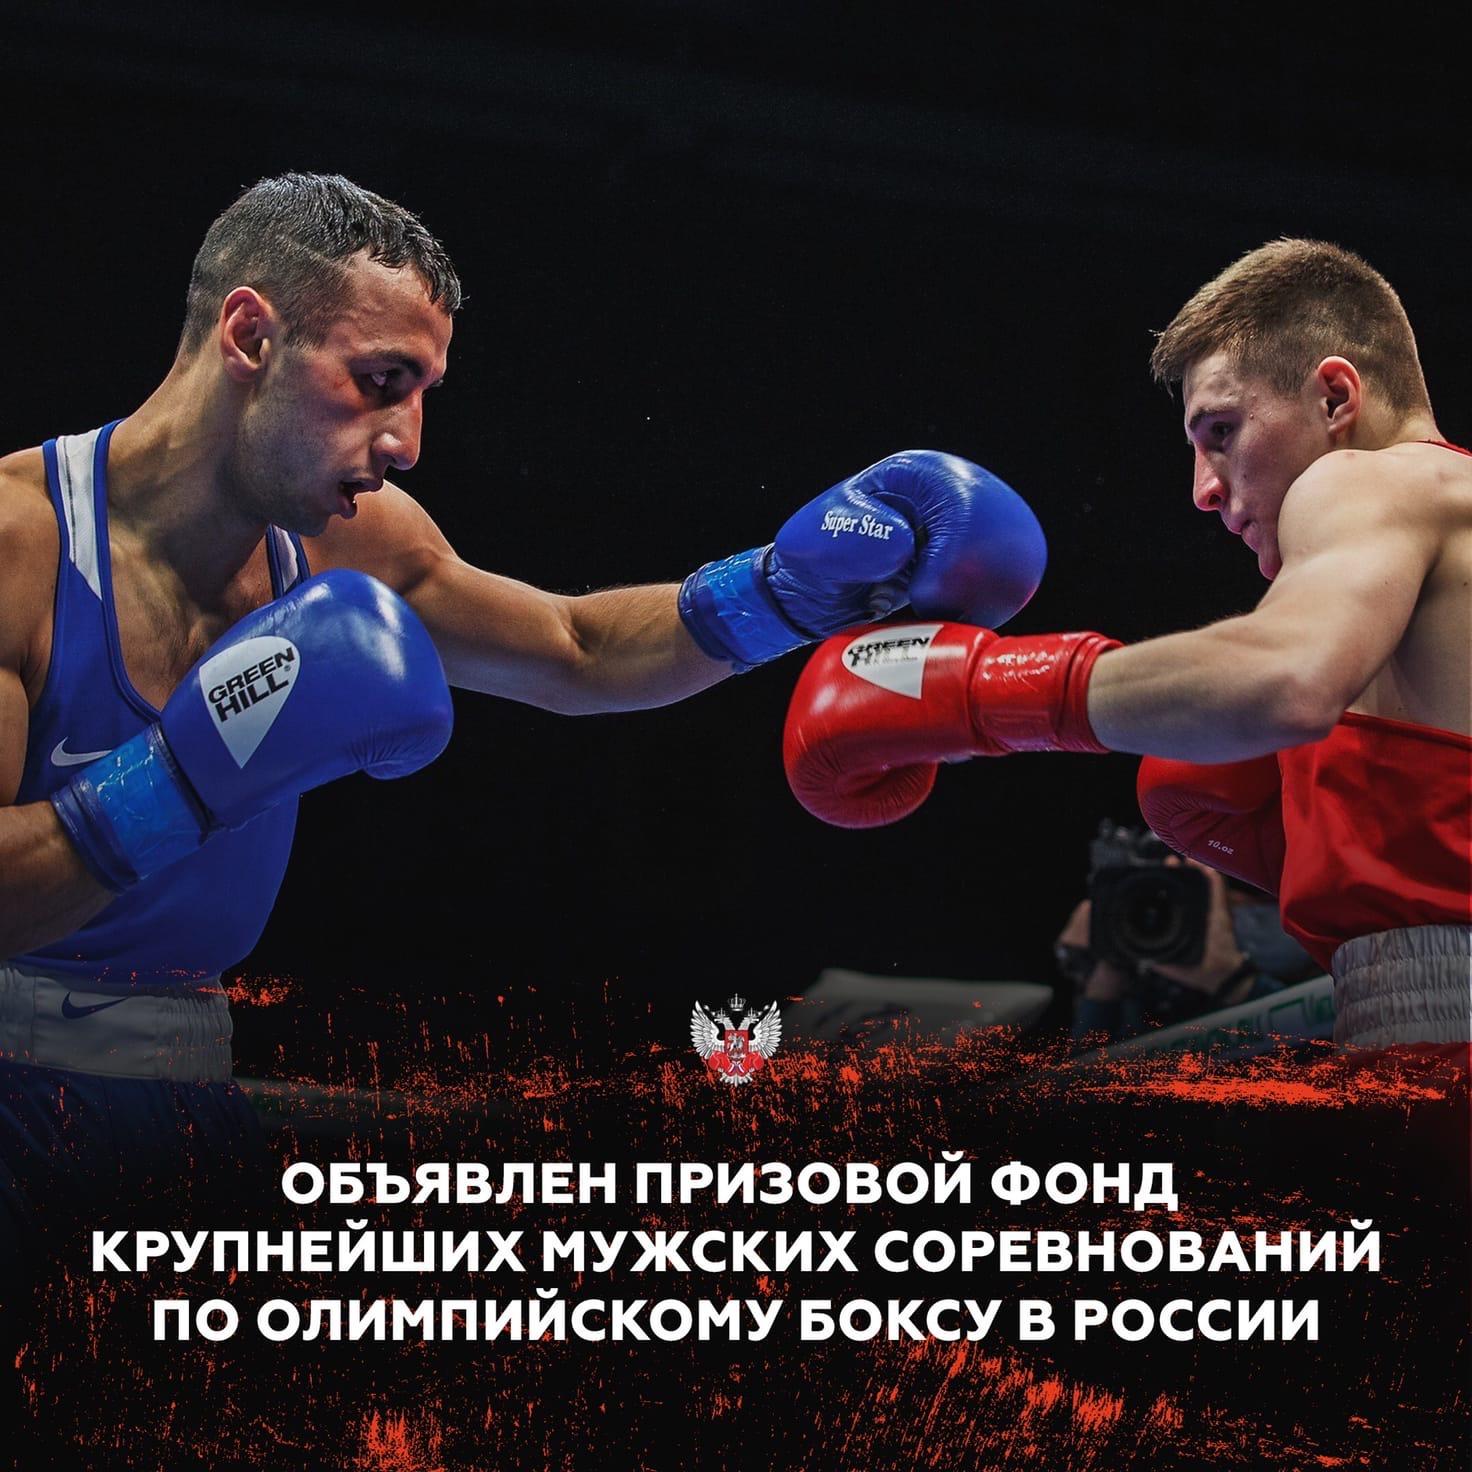 Летом Екатеринбург примет командный Кубок России по боксу